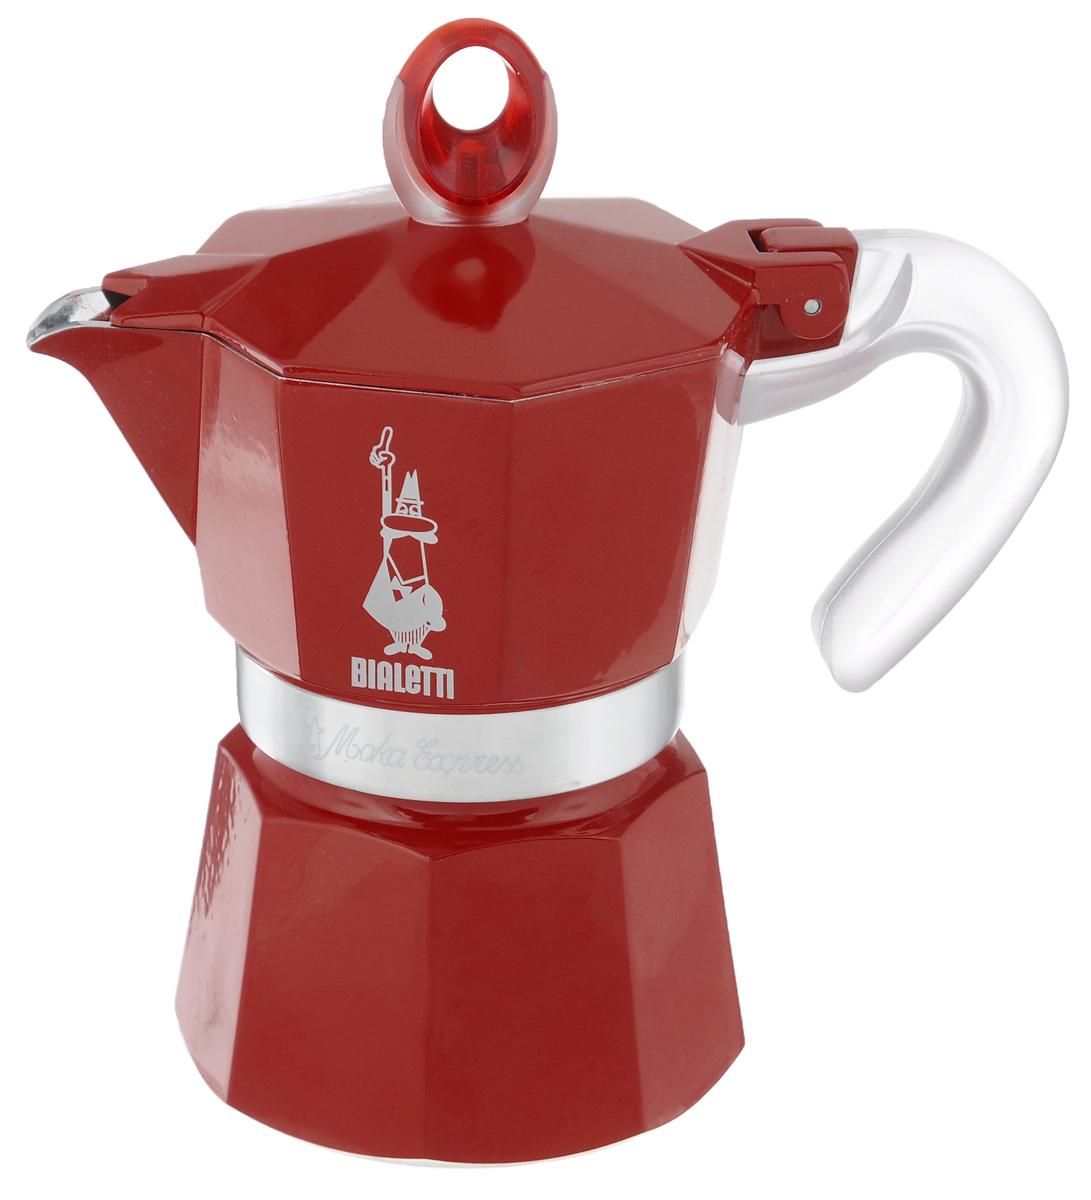 Кофеварка гейзерная Bialetti Moka Glossy, цвет: красный, на 3 чашки4332Компактная гейзерная кофеварка Bialetti Moka Glossy изготовлена из высококачественного алюминия. Объема кофе хватает на 3 чашки. Изделие оснащено удобной ручкой из пластика. Принцип работы такой гейзерной кофеварки - кофе заваривается путем многократного прохождения горячей воды или пара через слой молотого кофе. Удобство кофеварки в том, что вся кофейная гуща остается во внутренней емкости. Гейзерные кофеварки пользуются большой популярностью благодаря изысканному аромату. Кофе получается крепкий и насыщенный. Теперь и дома вы сможете насладиться великолепным эспрессо. Подходит для газовых, электрических и стеклокерамических плит. Нельзя мыть в посудомоечной машине. Высота (с учетом крышки): 17 см.